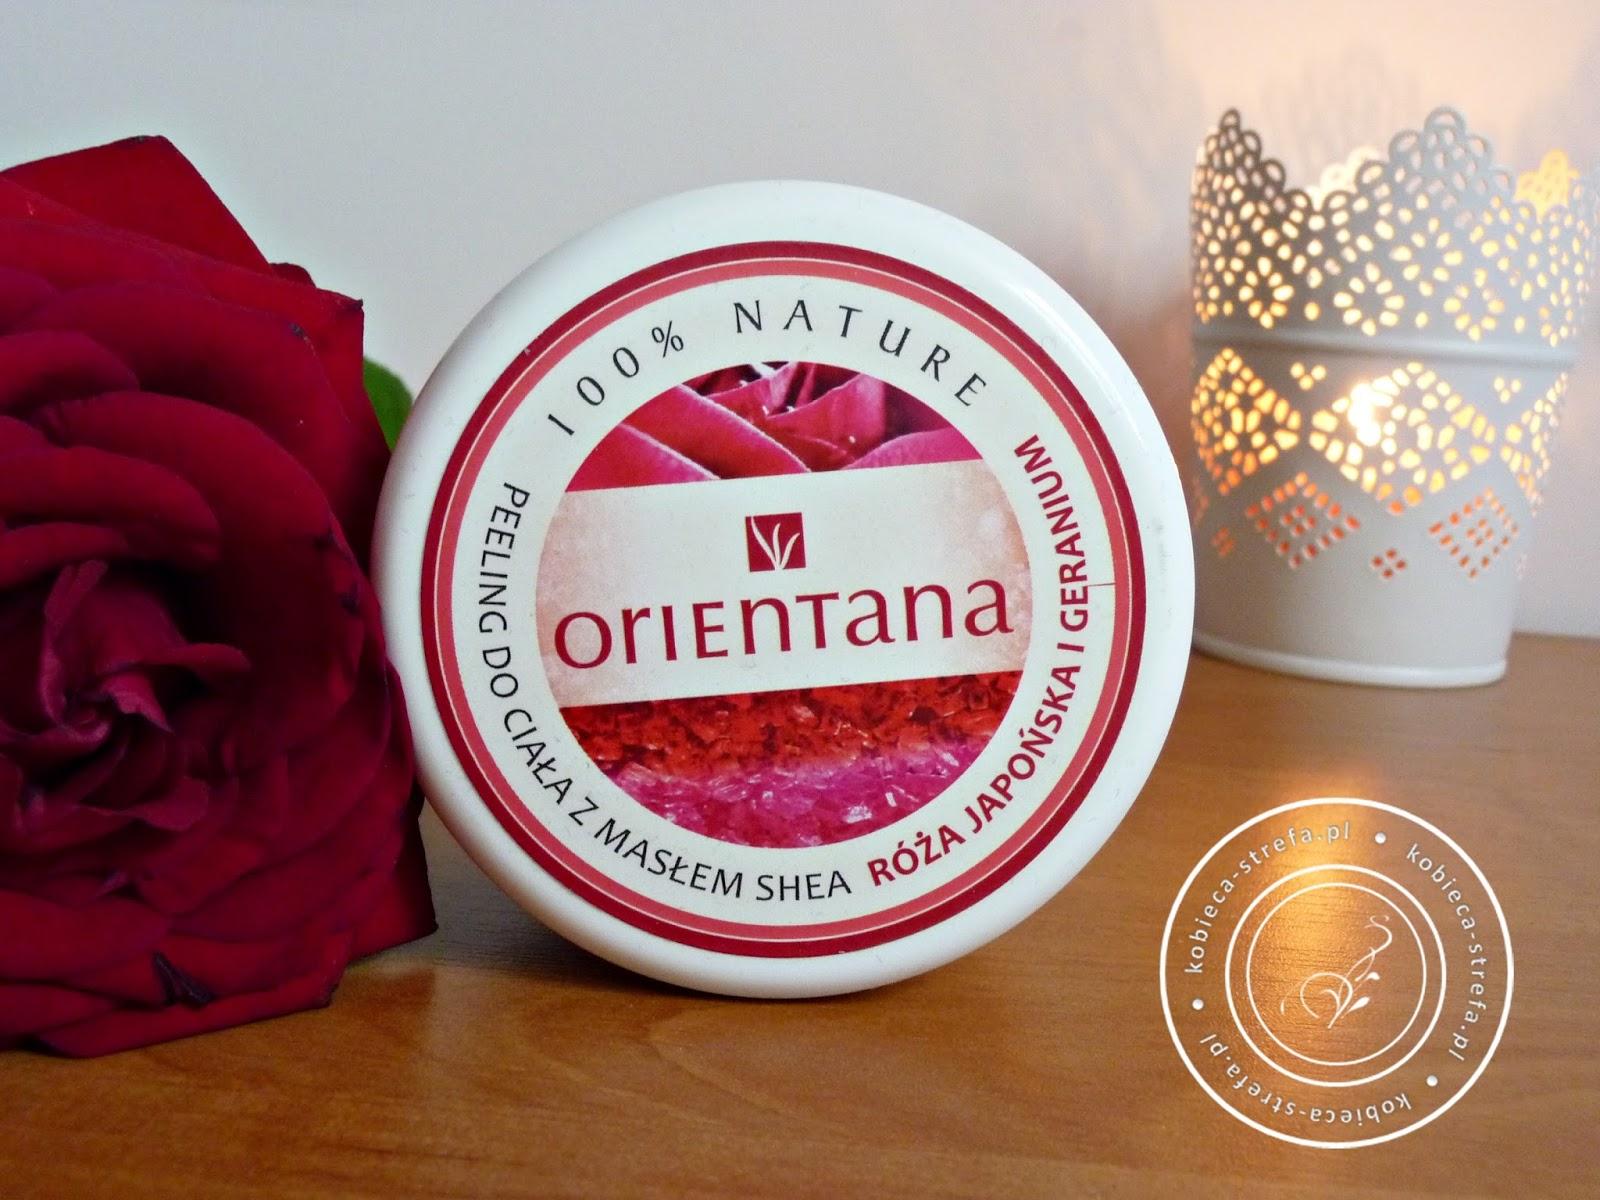 Bogactwo zapachu zamknięte w pudełku czyli peeling do ciała z masłem shea - róża japońska i gardenium - 100% nature